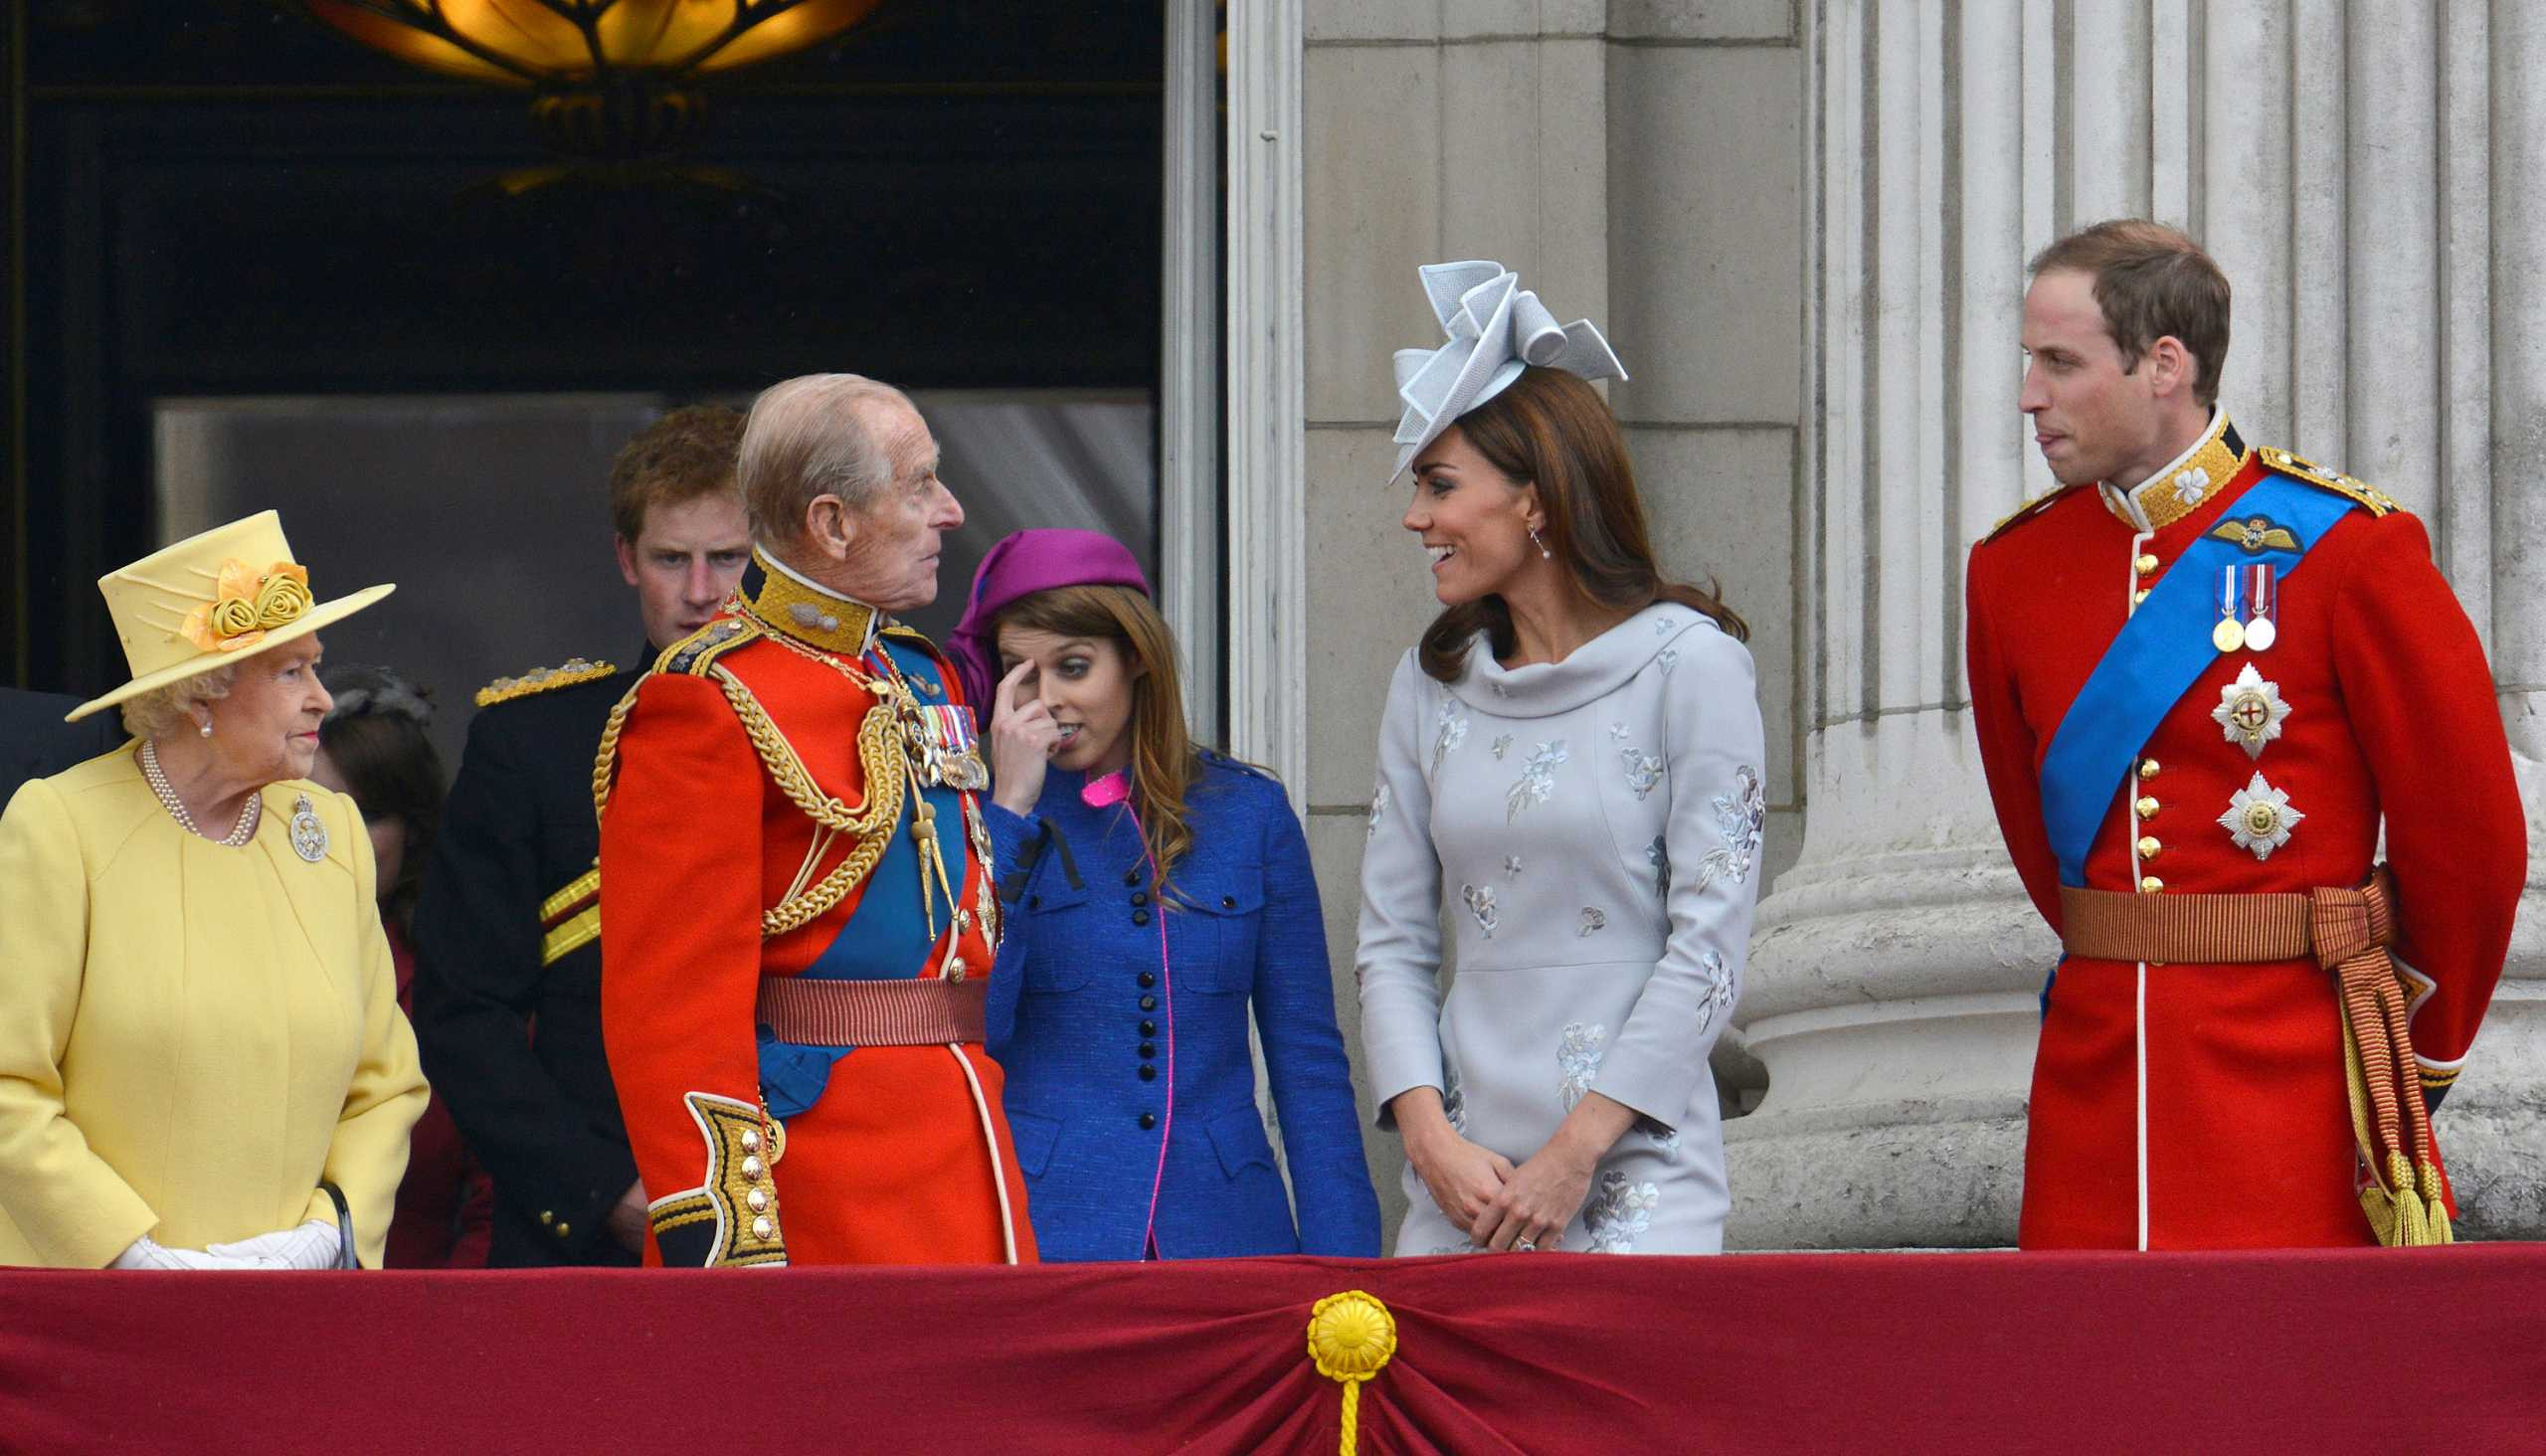 Πρίγκιπας Φίλιππος: Ανακωχή μπροστά στον θάνατο – Ο Χάρι «πάτησε» Βρετανία